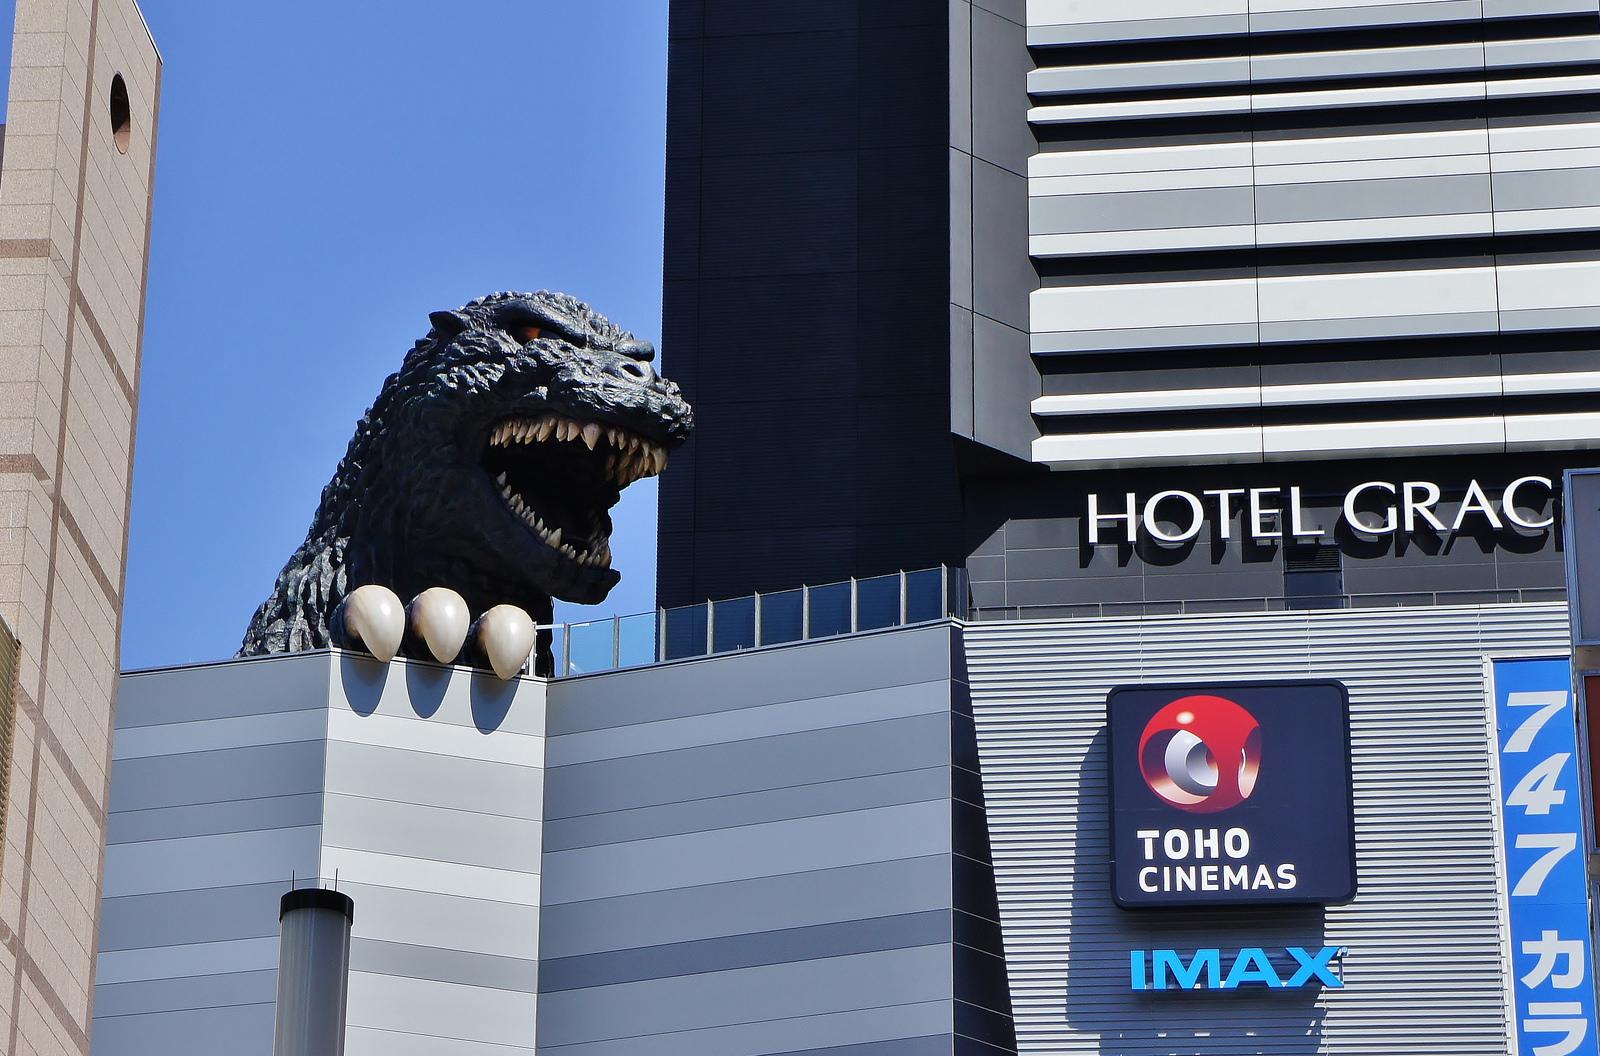 Godzilla appears at last, TOHO Cinemas in Shinjuku ...